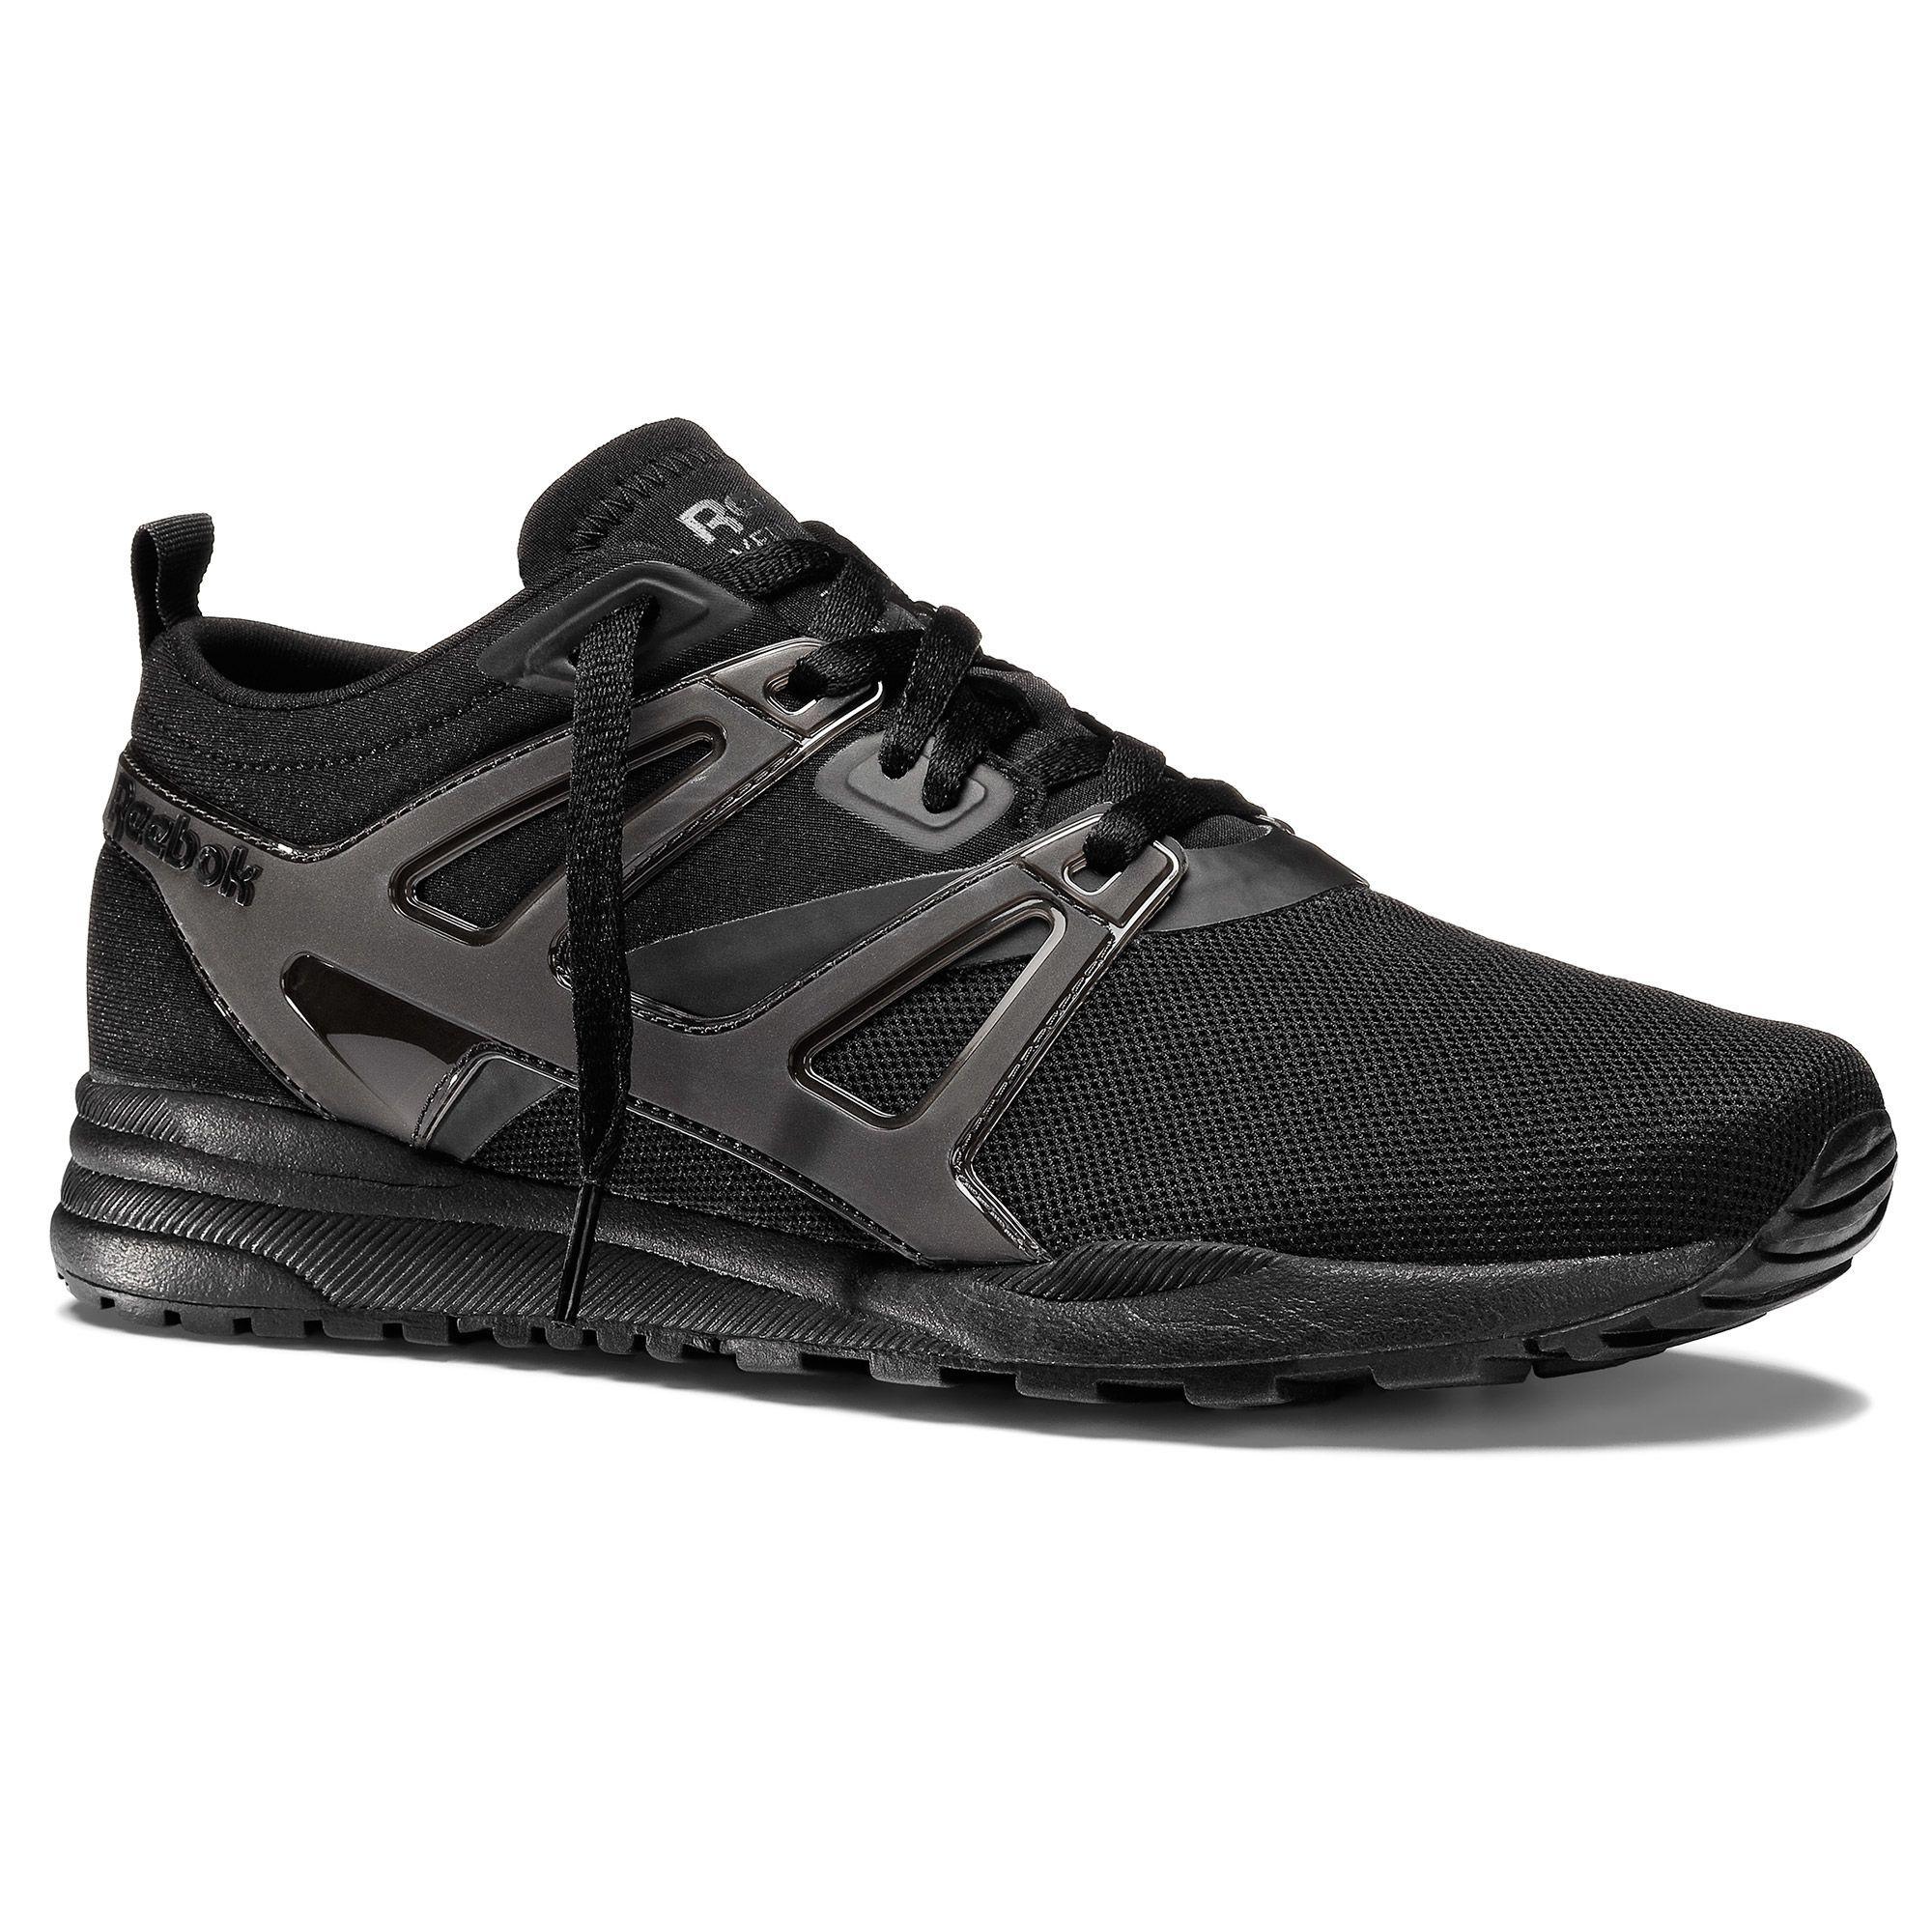 Zapatos negros Reebok para hombre CFizHQLPU7